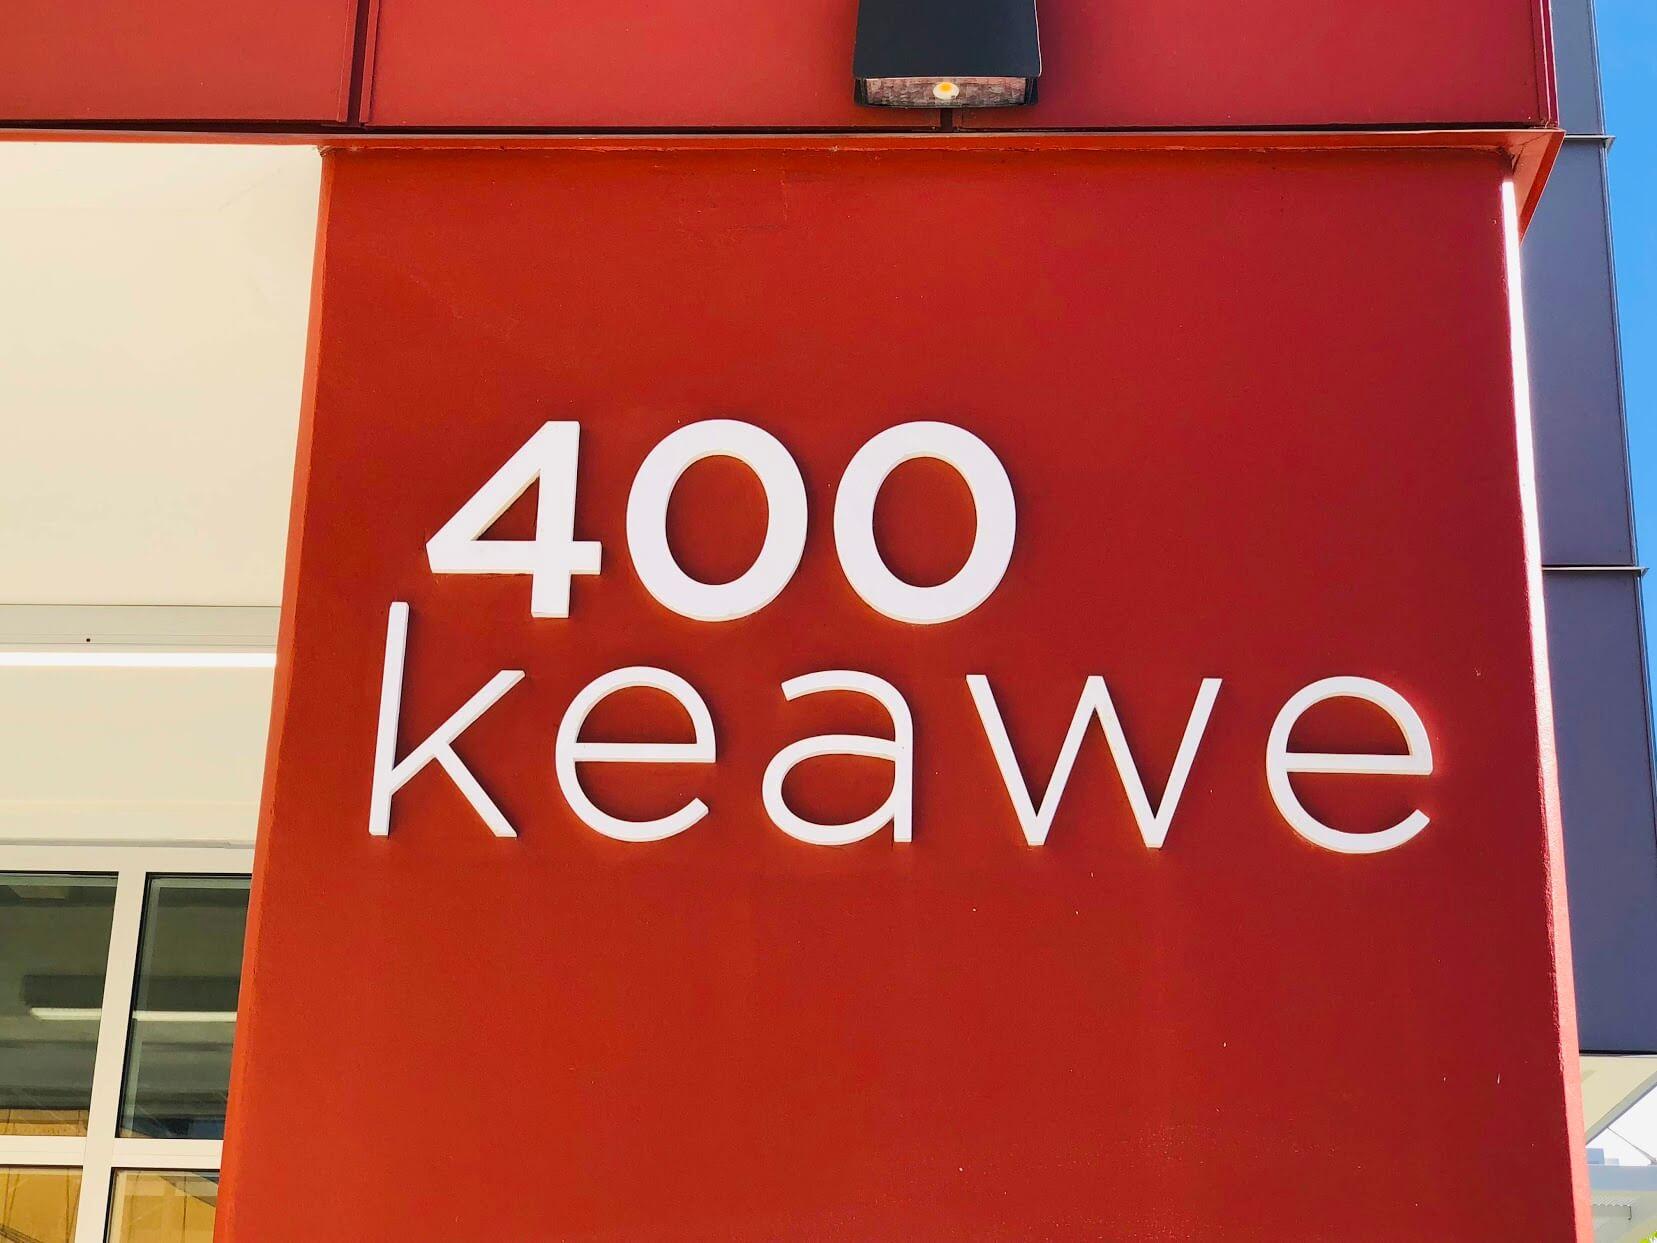 400 Keaweの看板